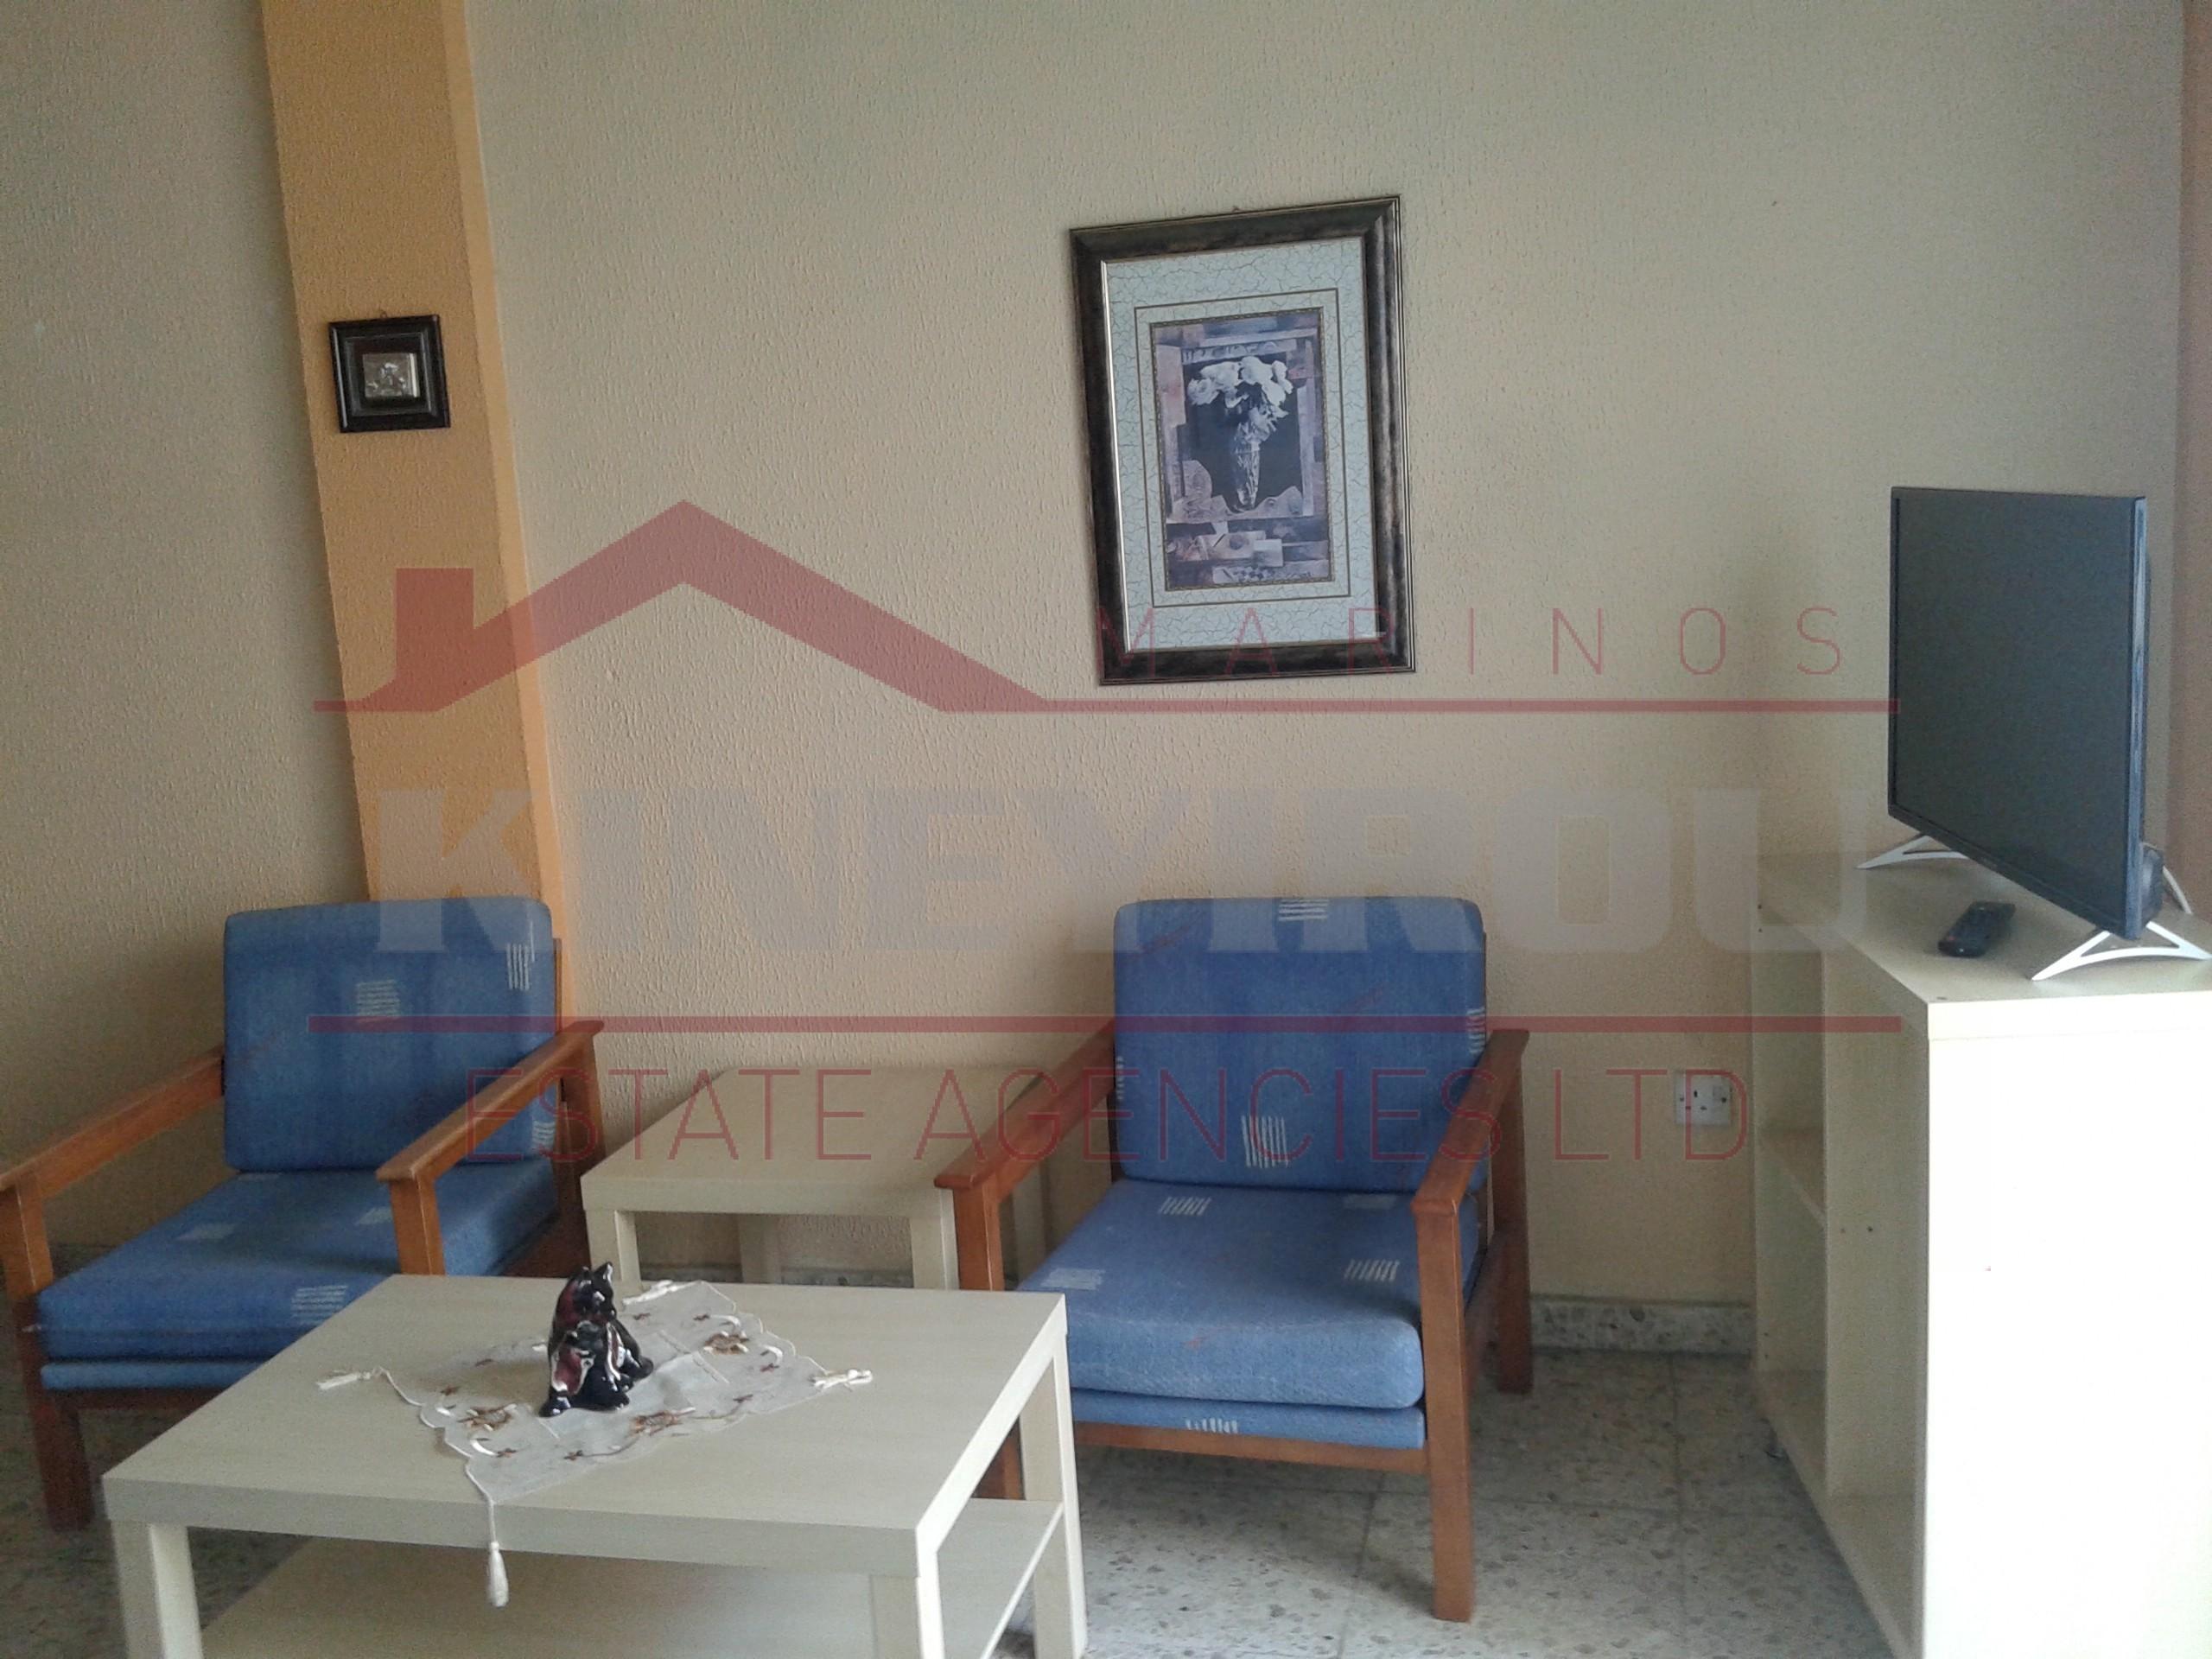 1 bedroom apartment for rent in makenzy larnaca cyprus for 1 bedroom apartment for rent